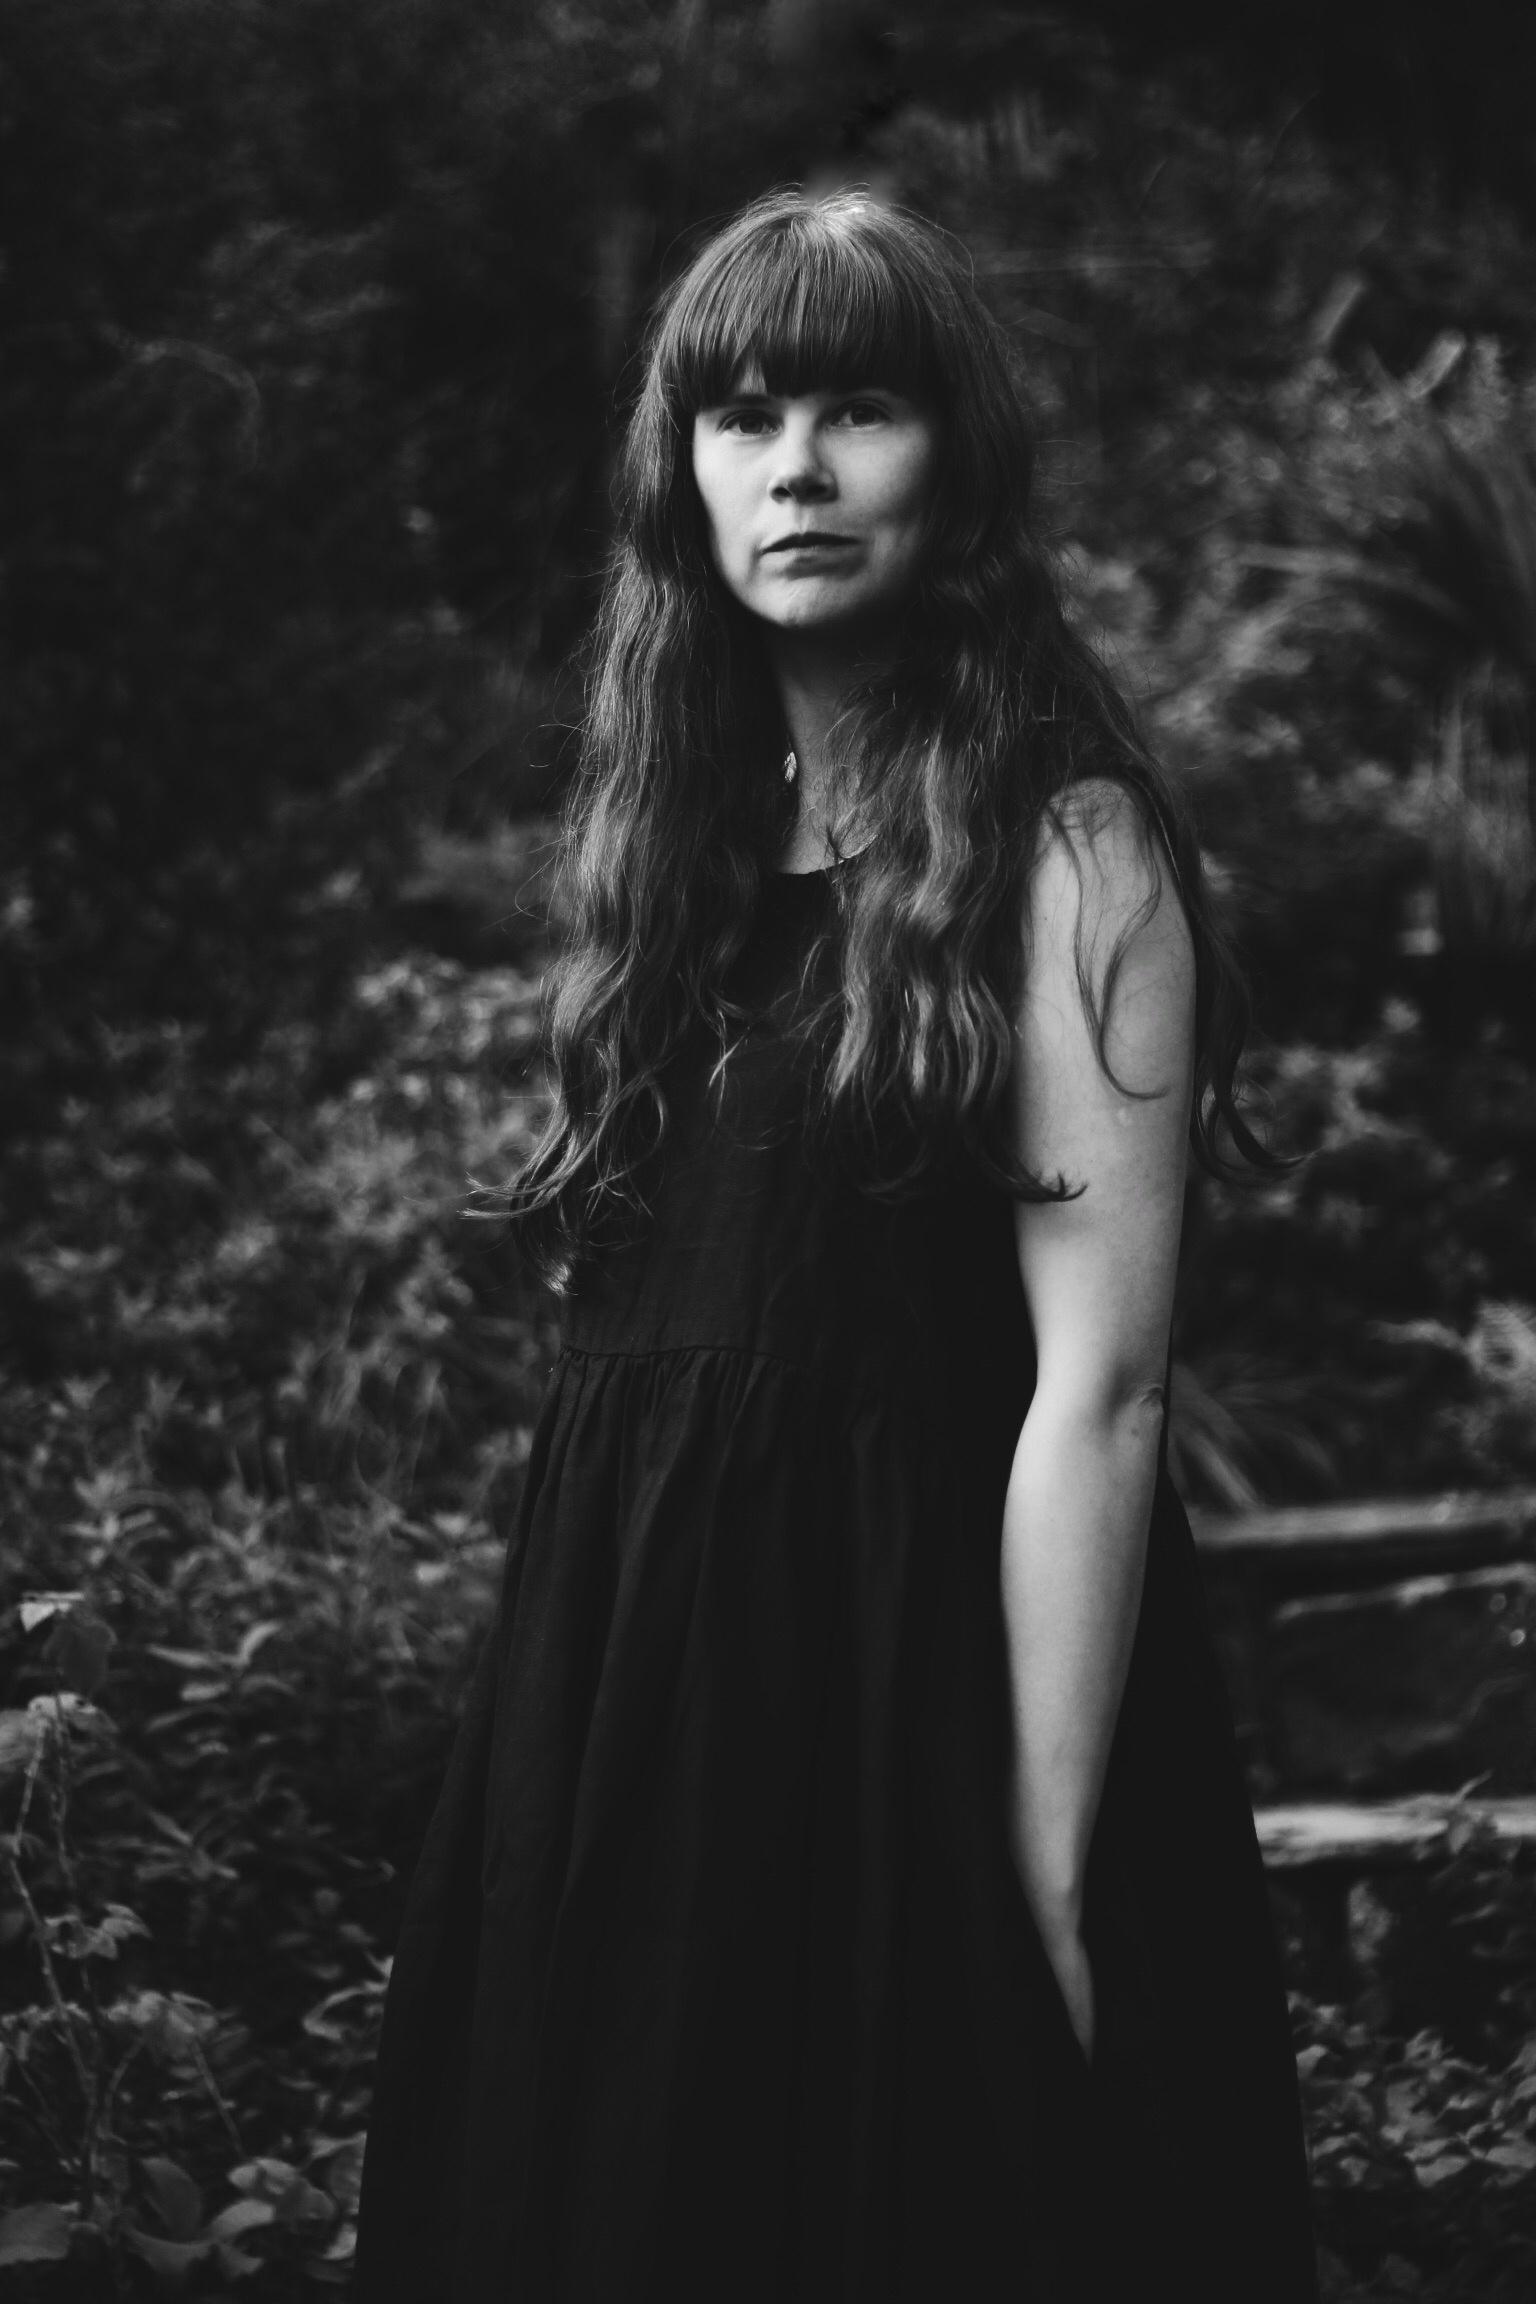 Girl in black linen dress